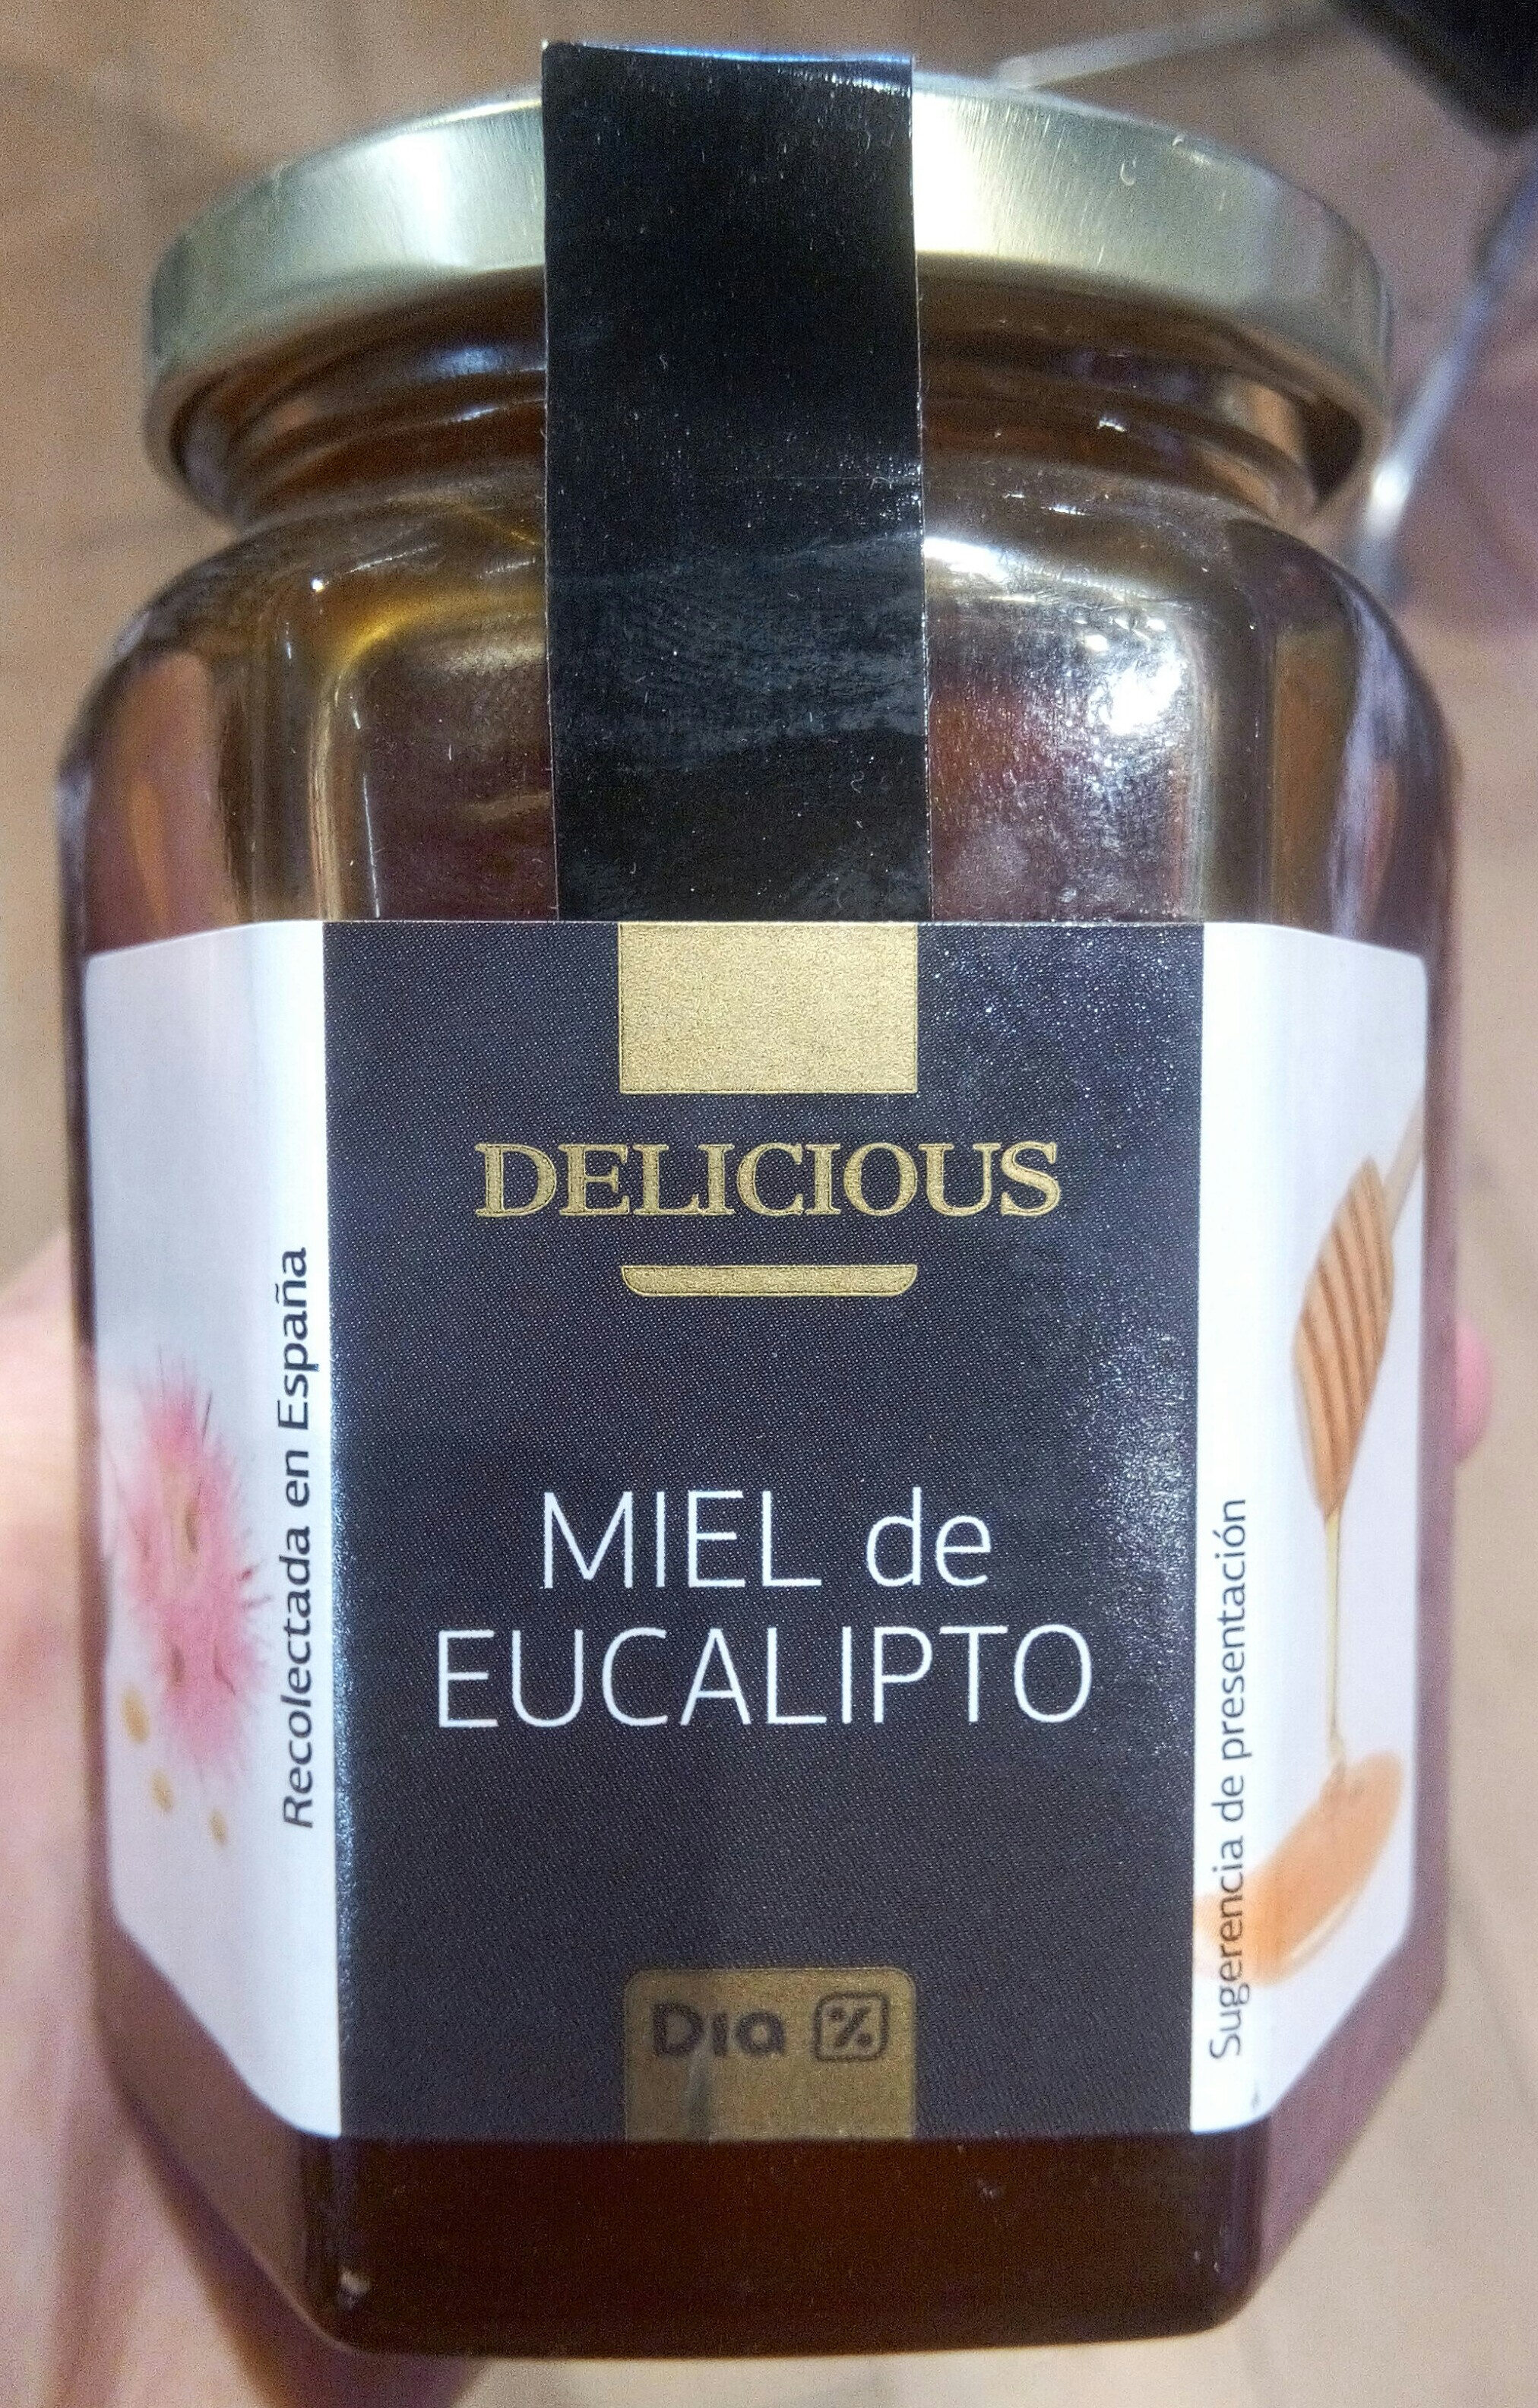 Delicious - Miel de eucalipto - Producto - es